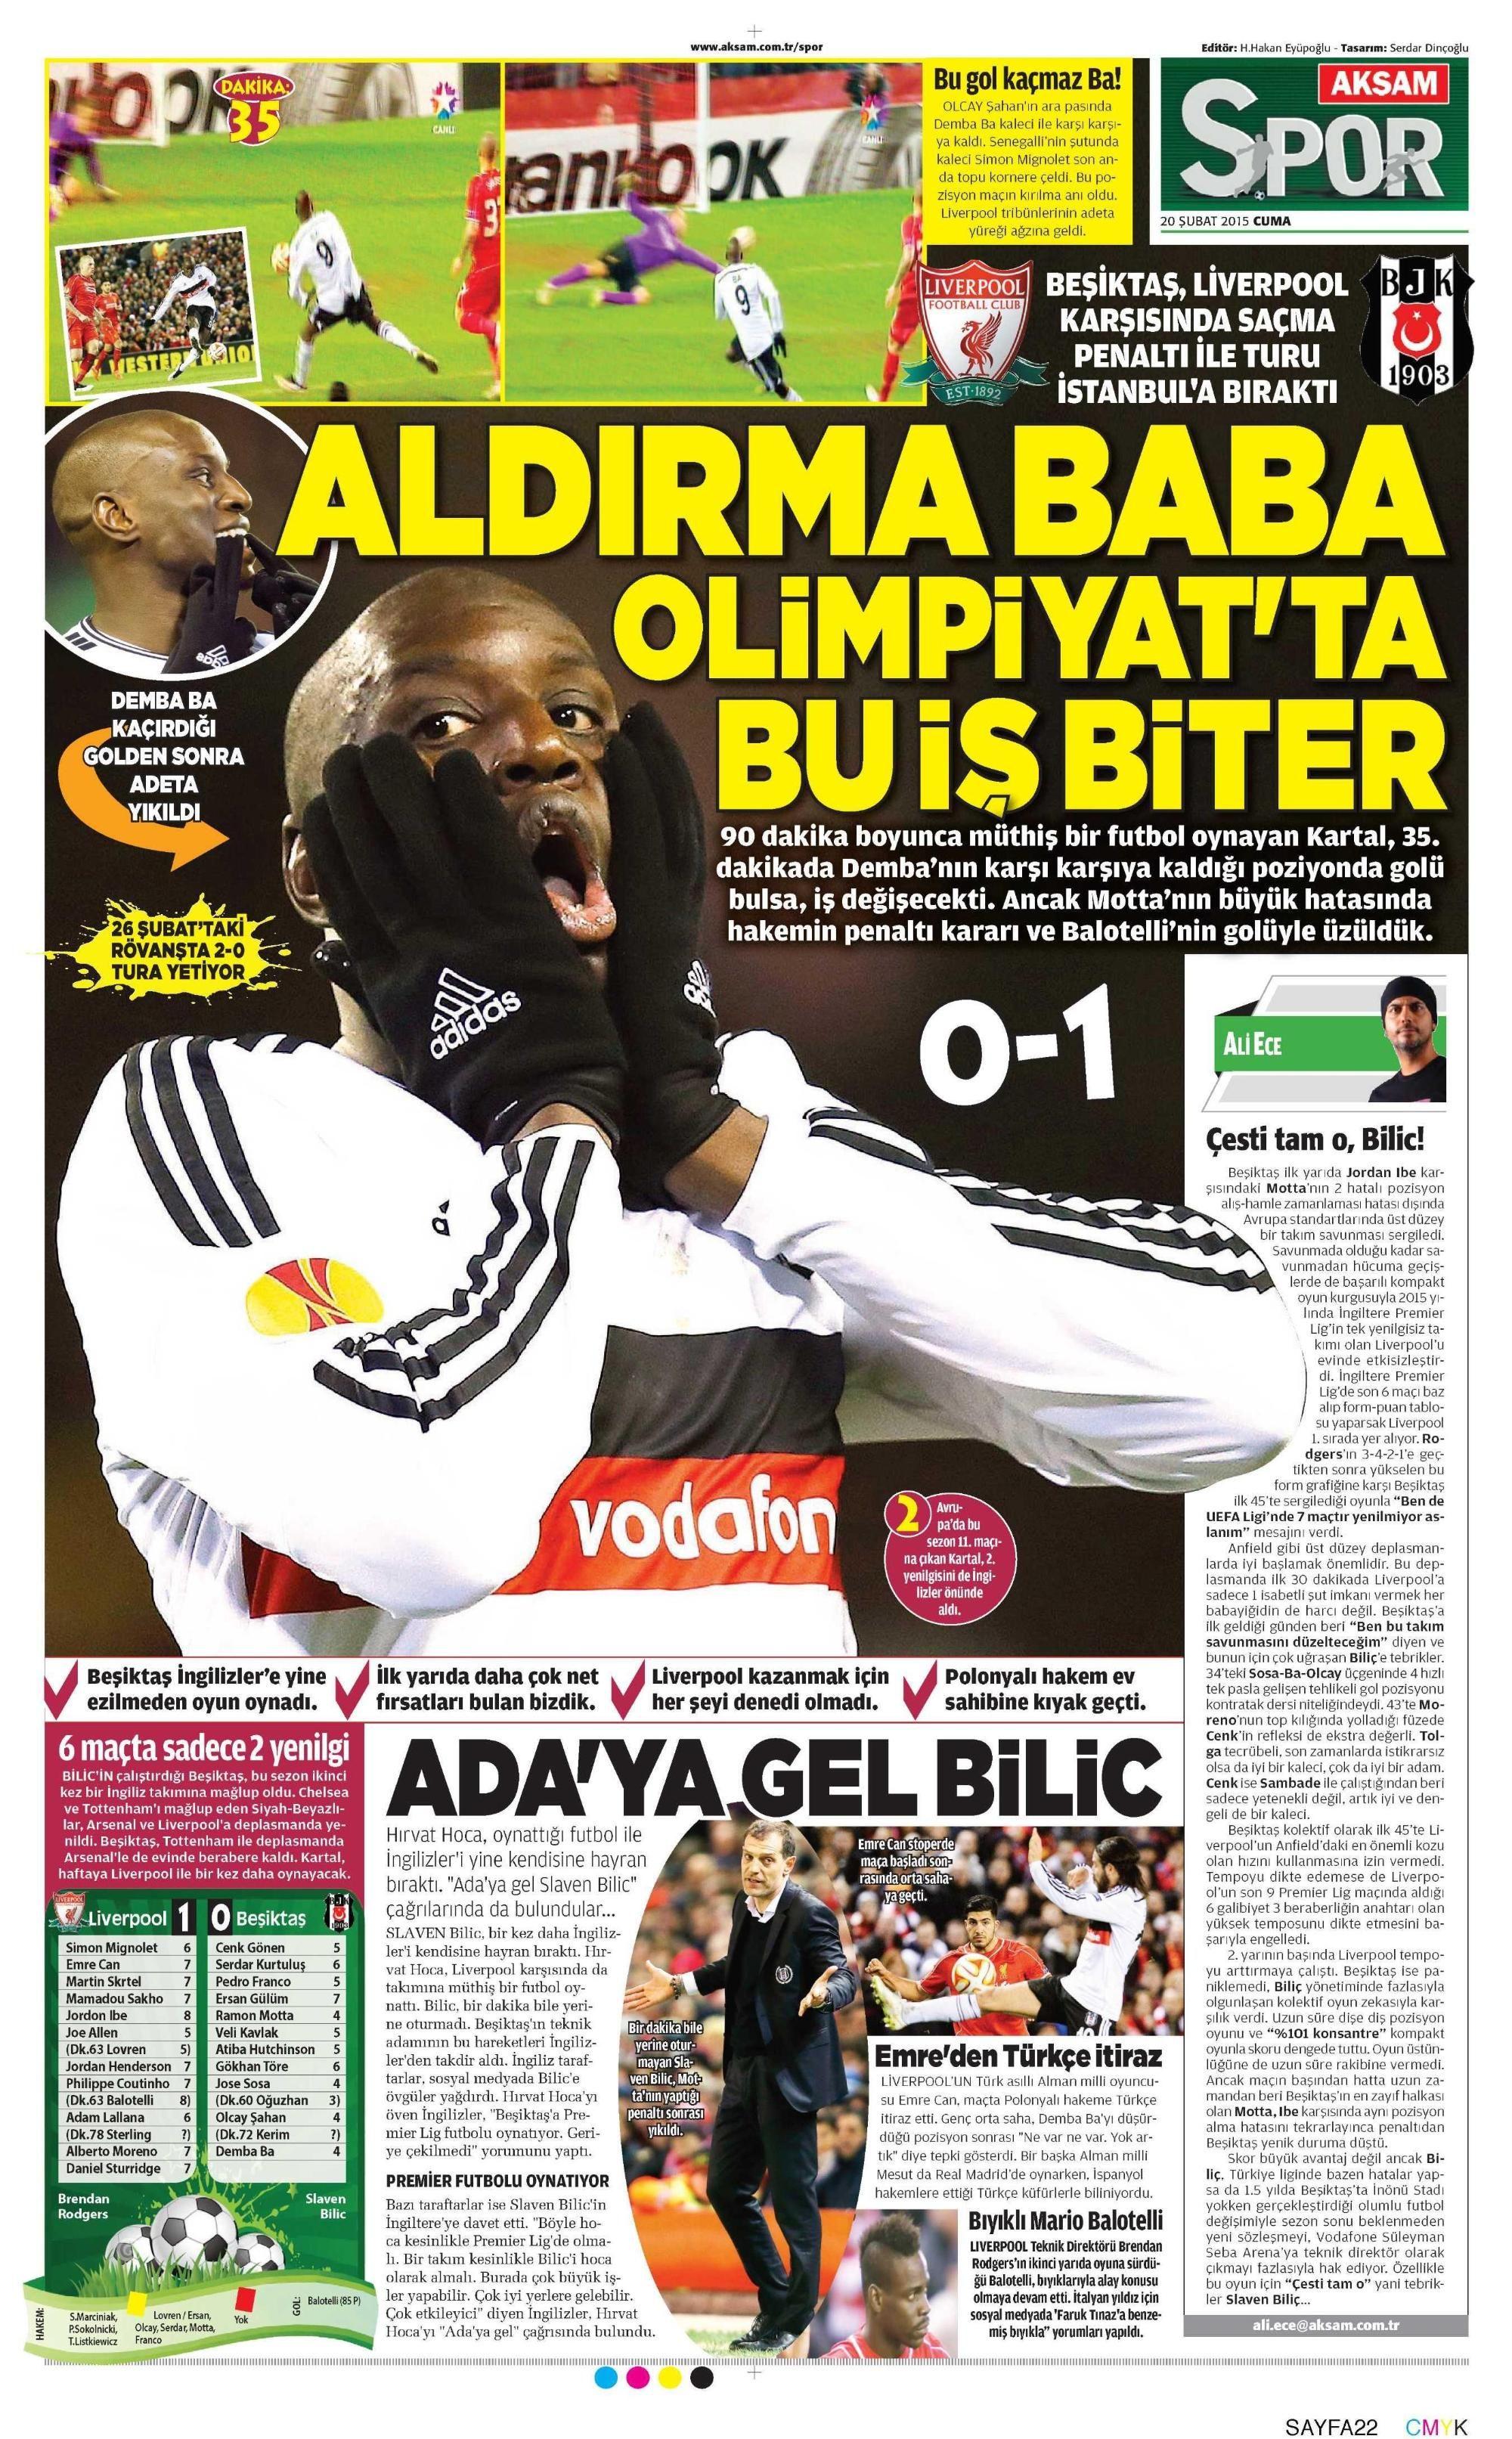 Beşiktaş Manşetleri(20/02/2015)